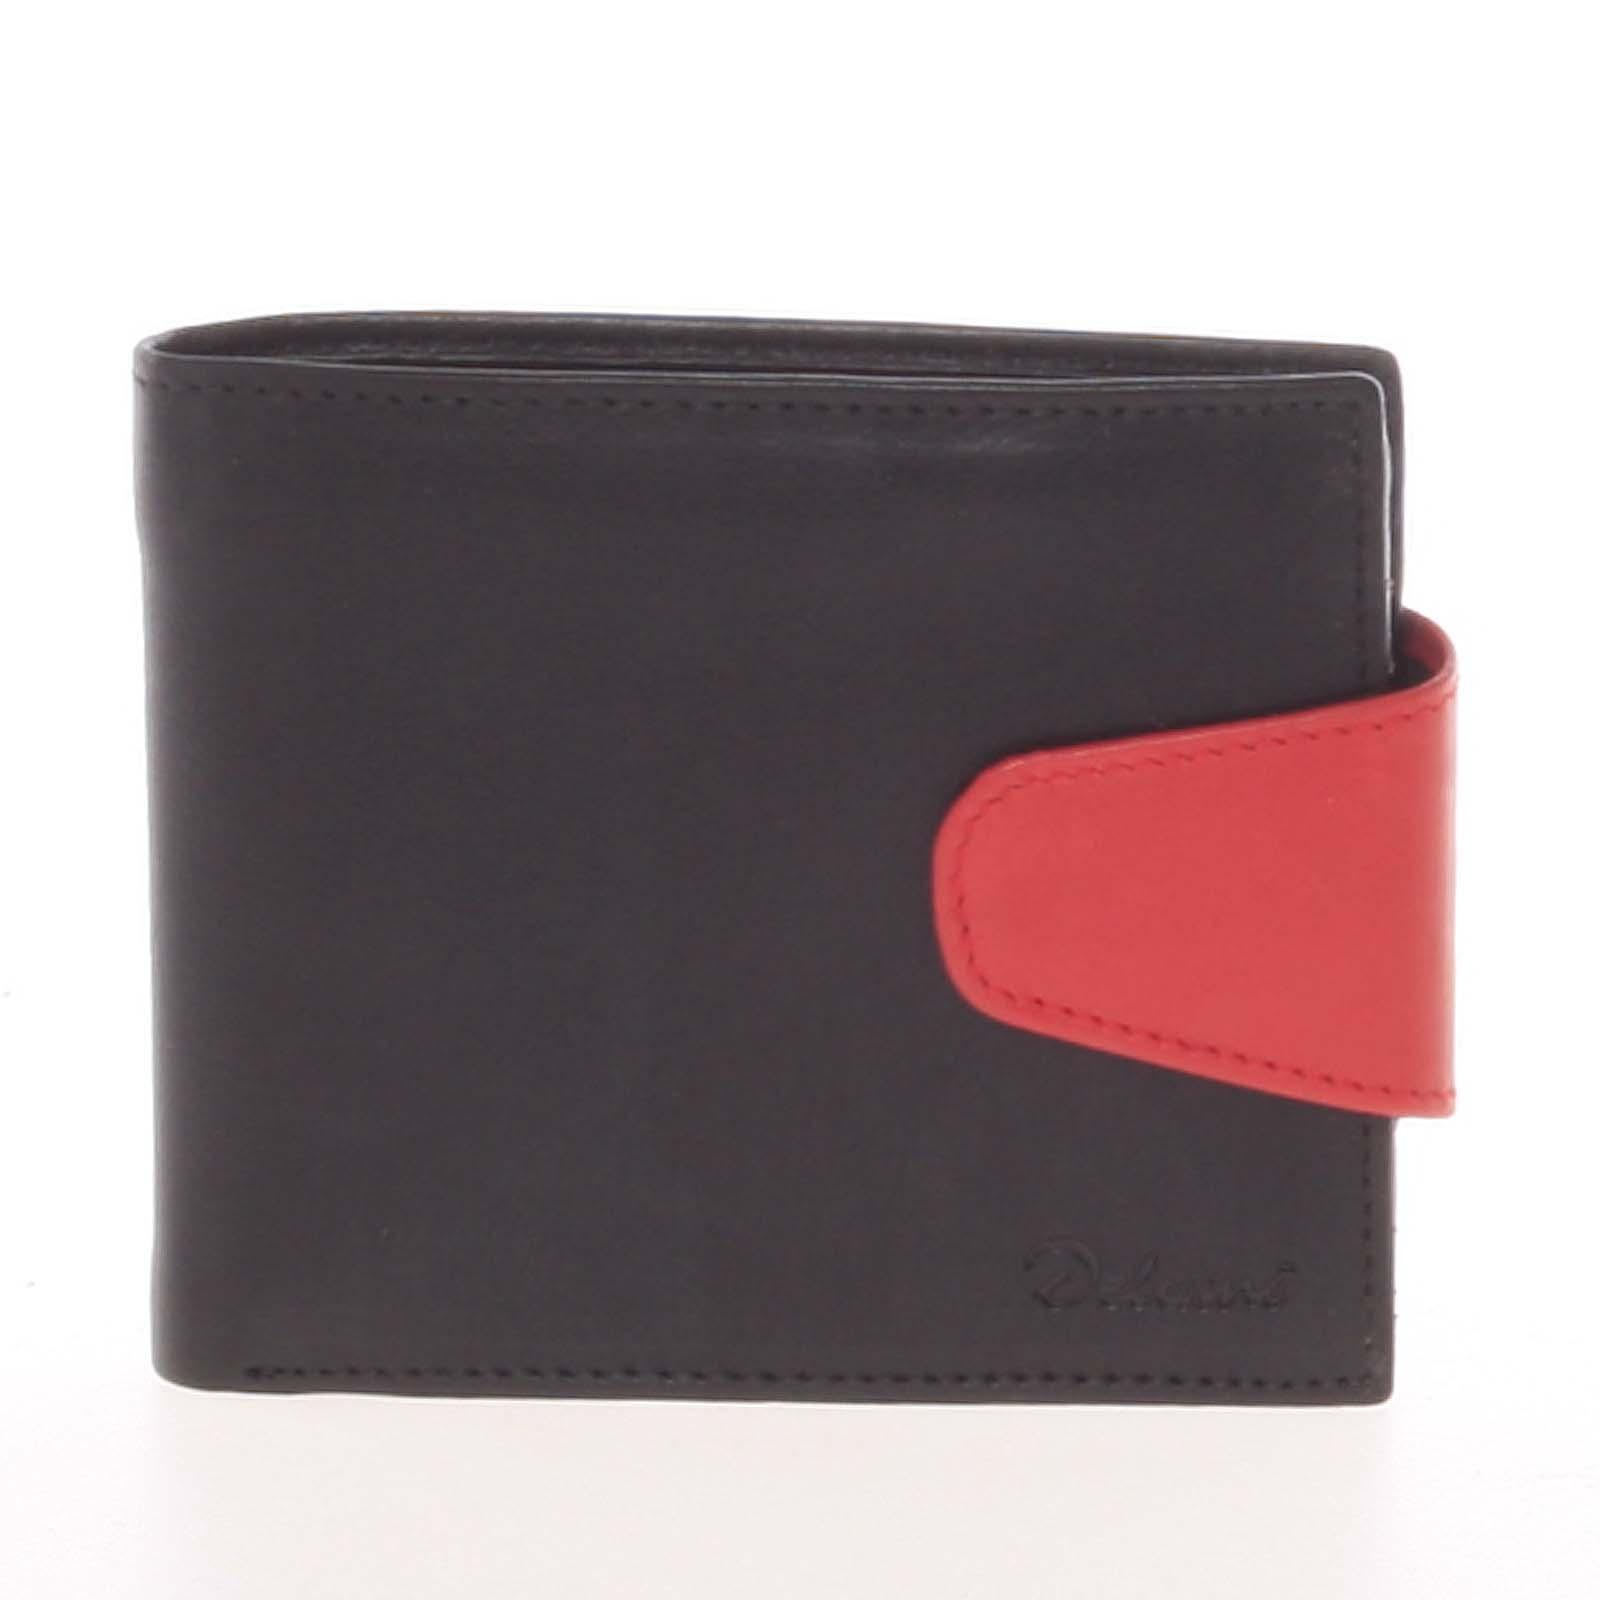 Pánska kožená peňaženka čierna - Delami 11816 čierna